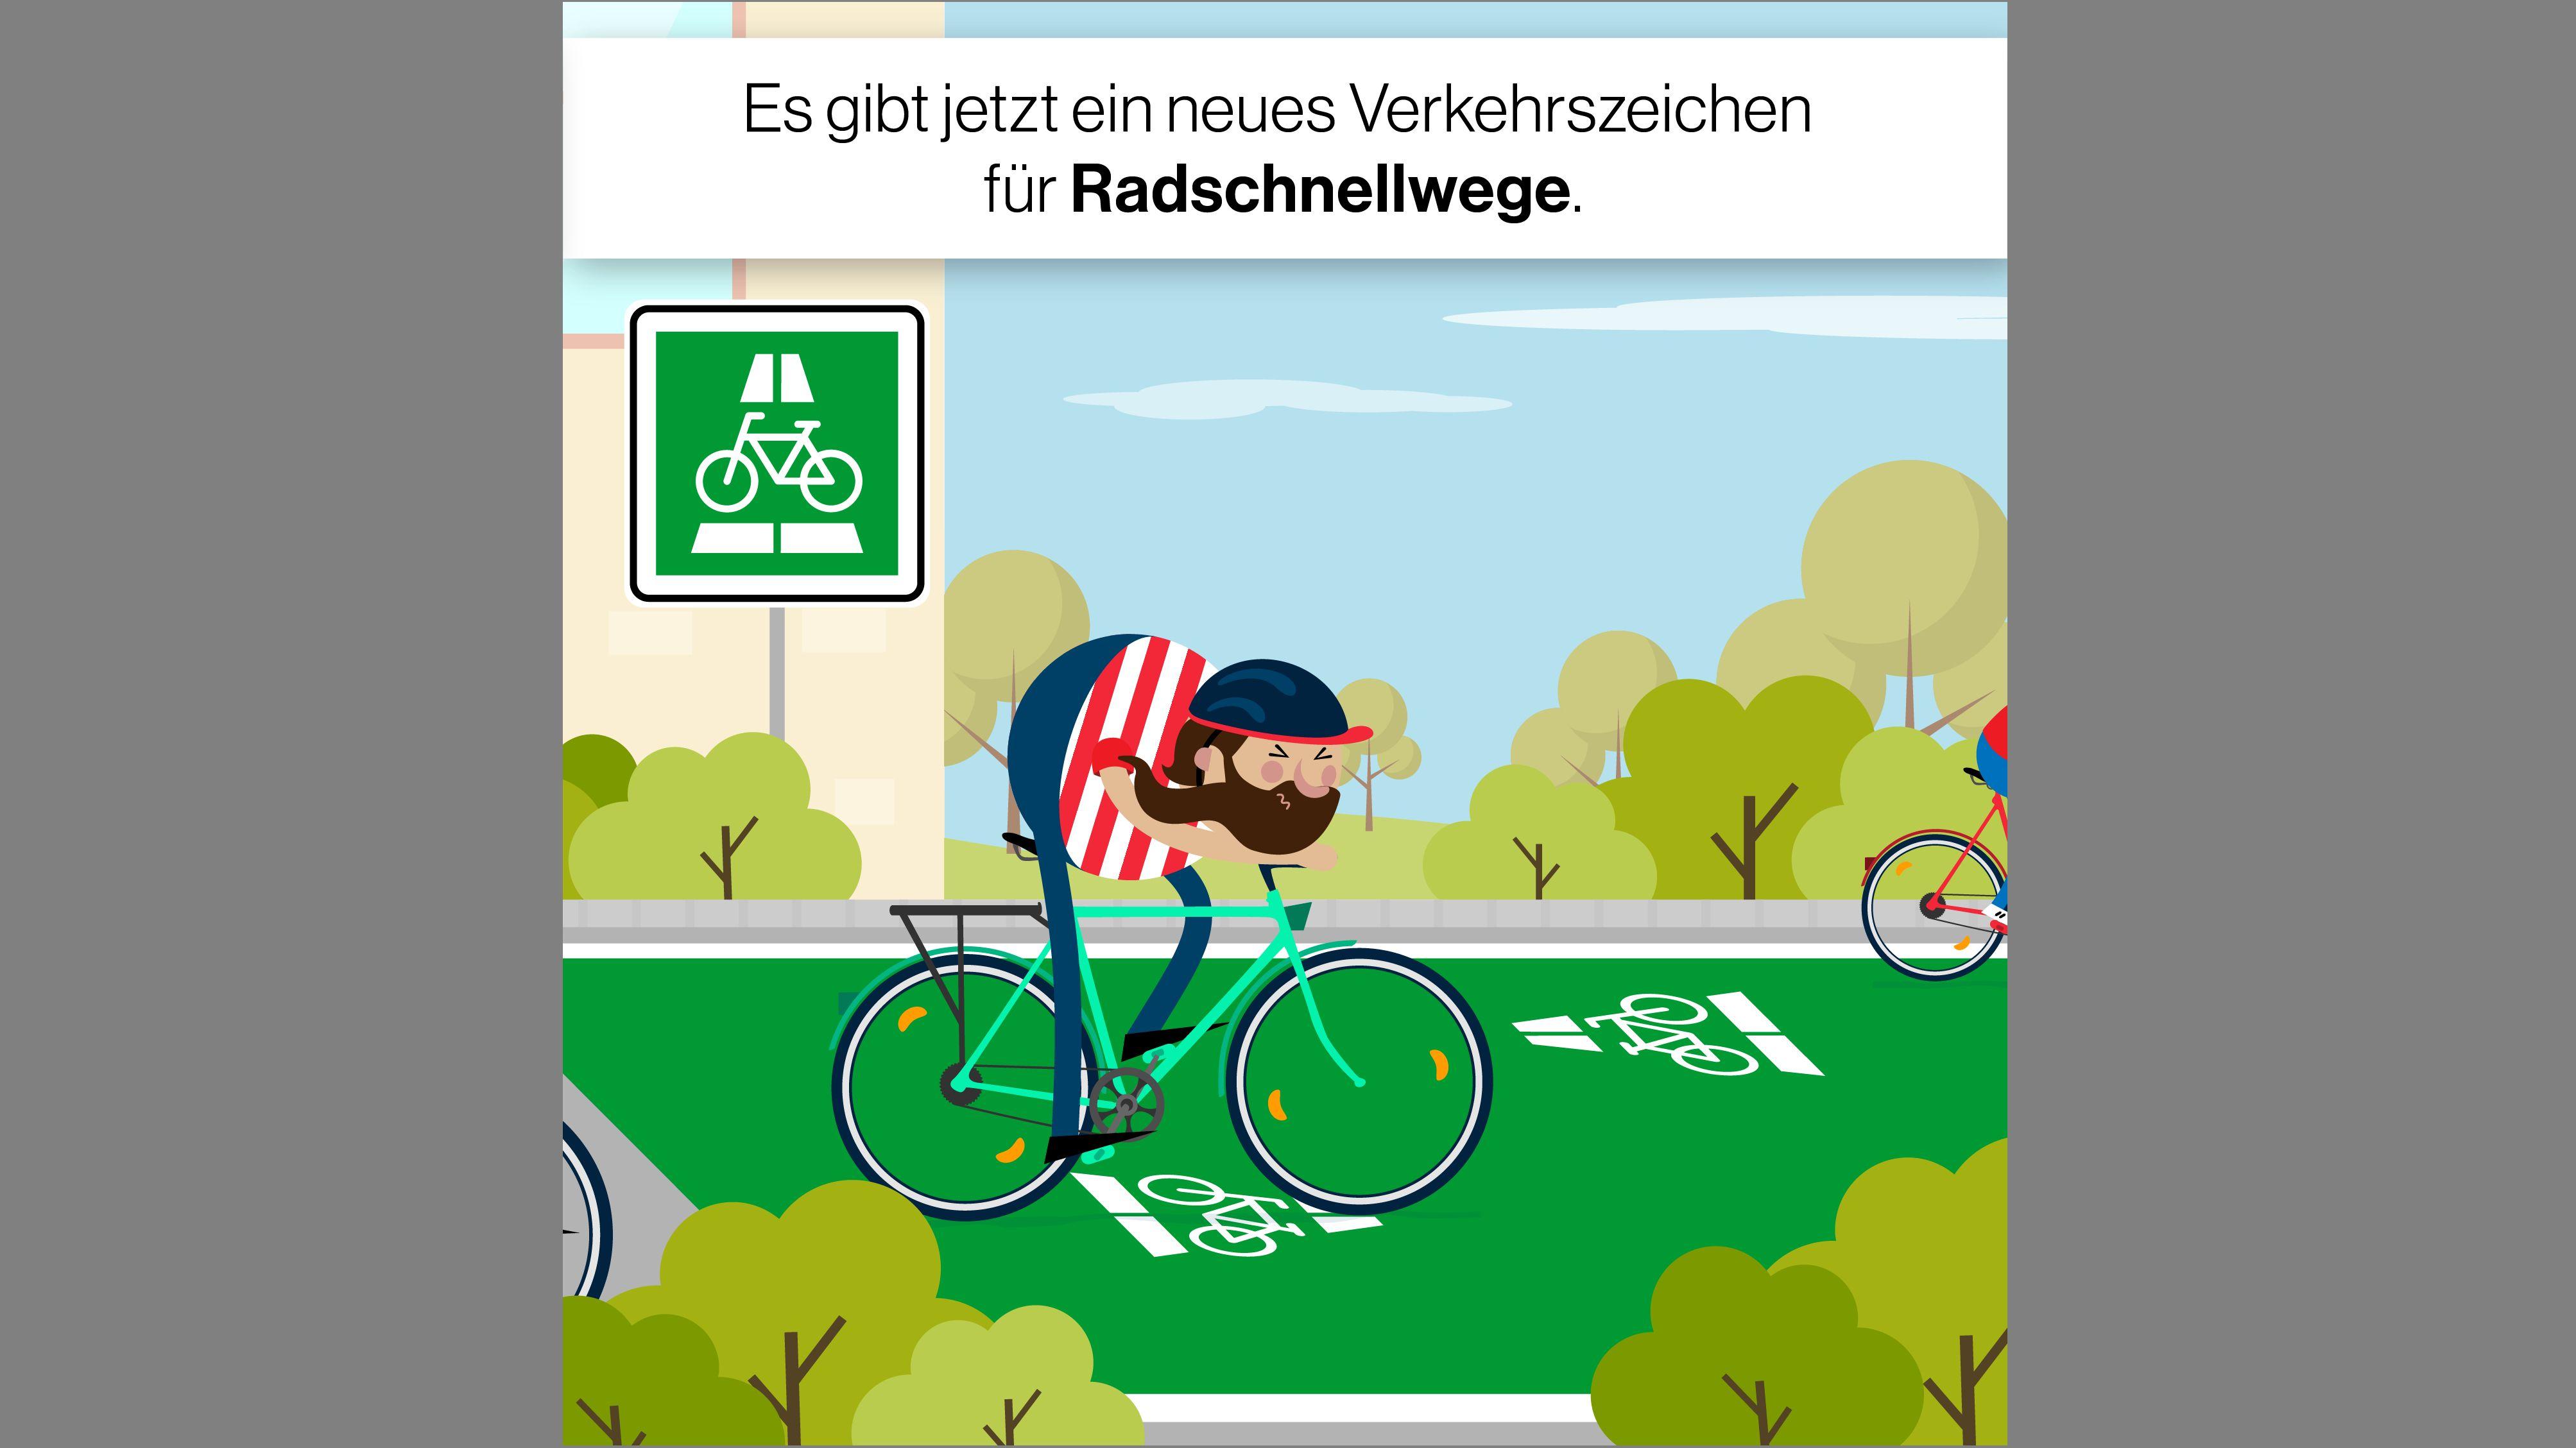 Grafik: Einführung von Radschnellwegen